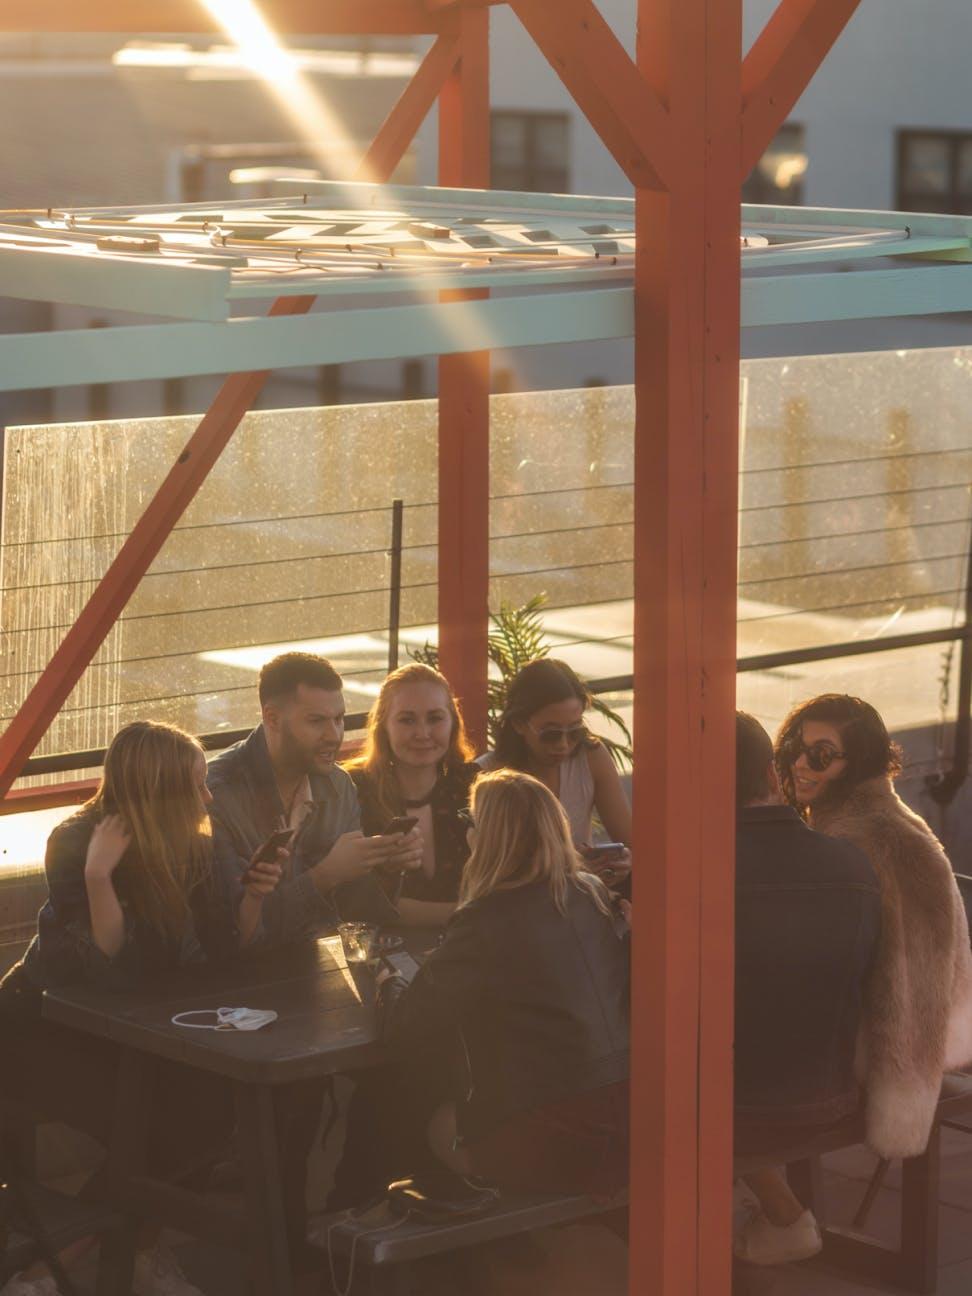 Group sitting at table at sundown